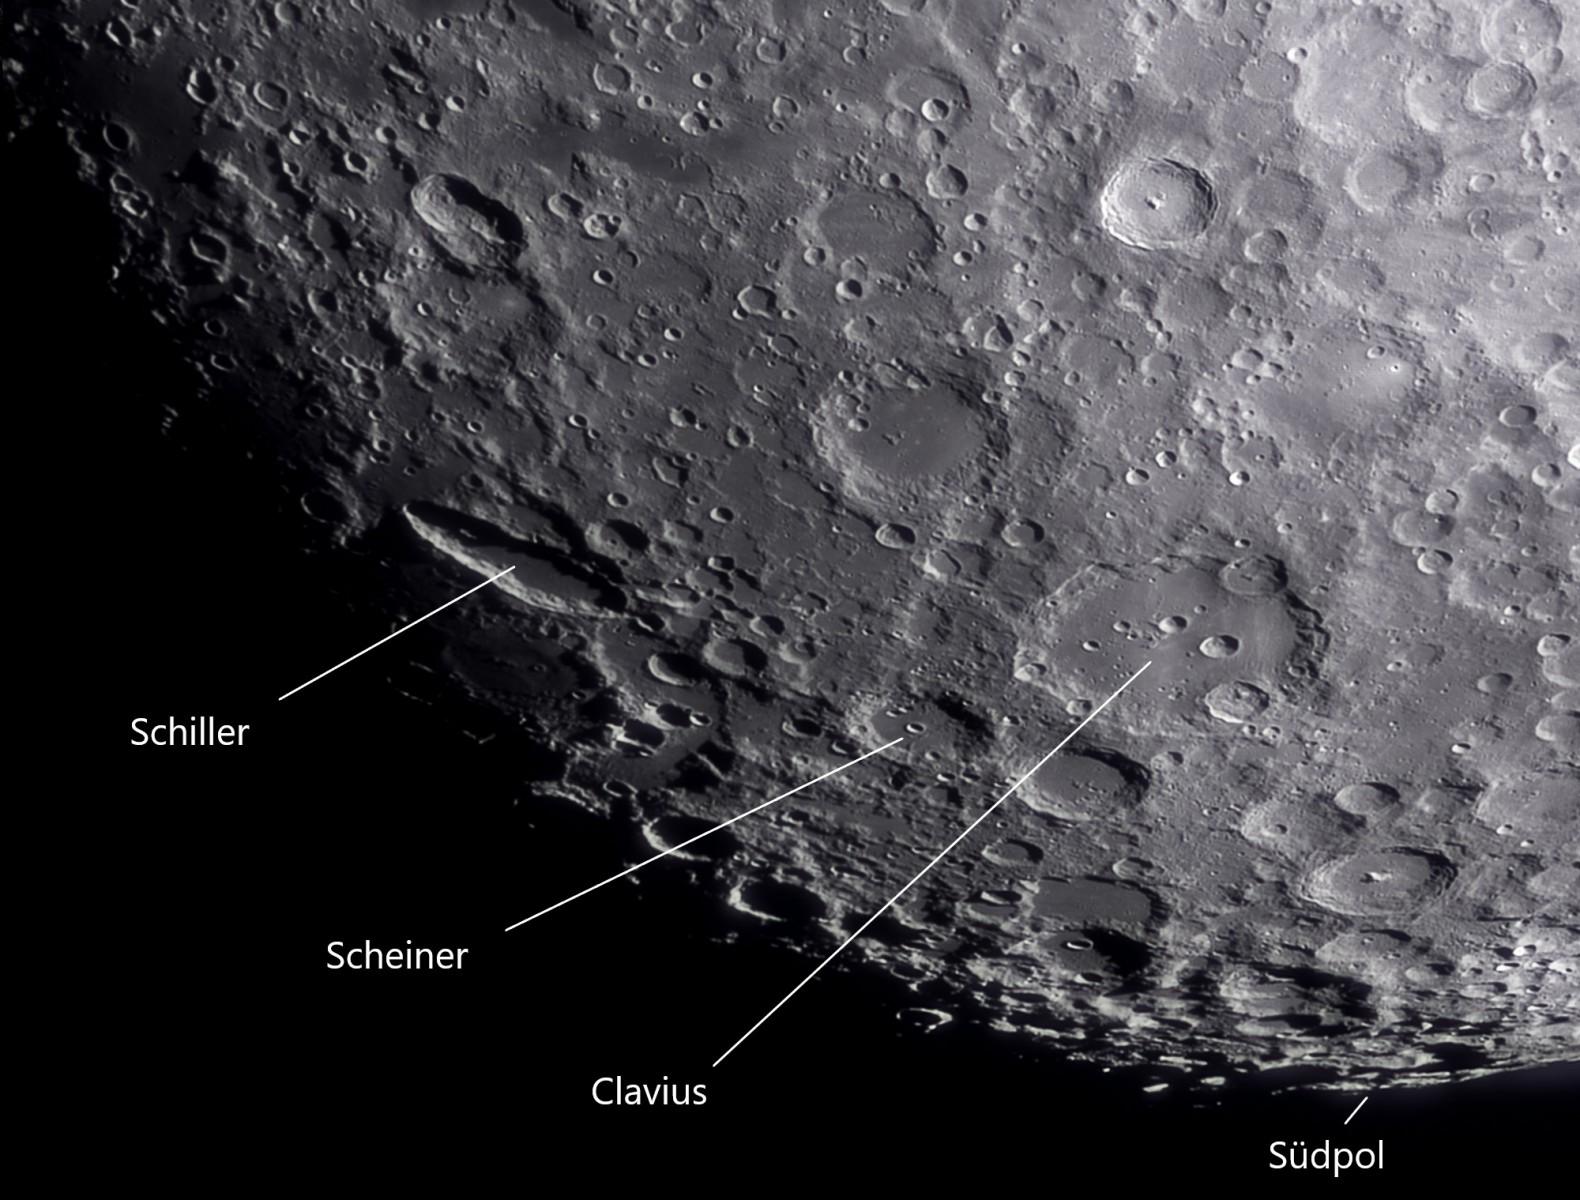 Detailaufnahme Mond Südpol mit ASI183Pro am 100/1500mm Refraktor